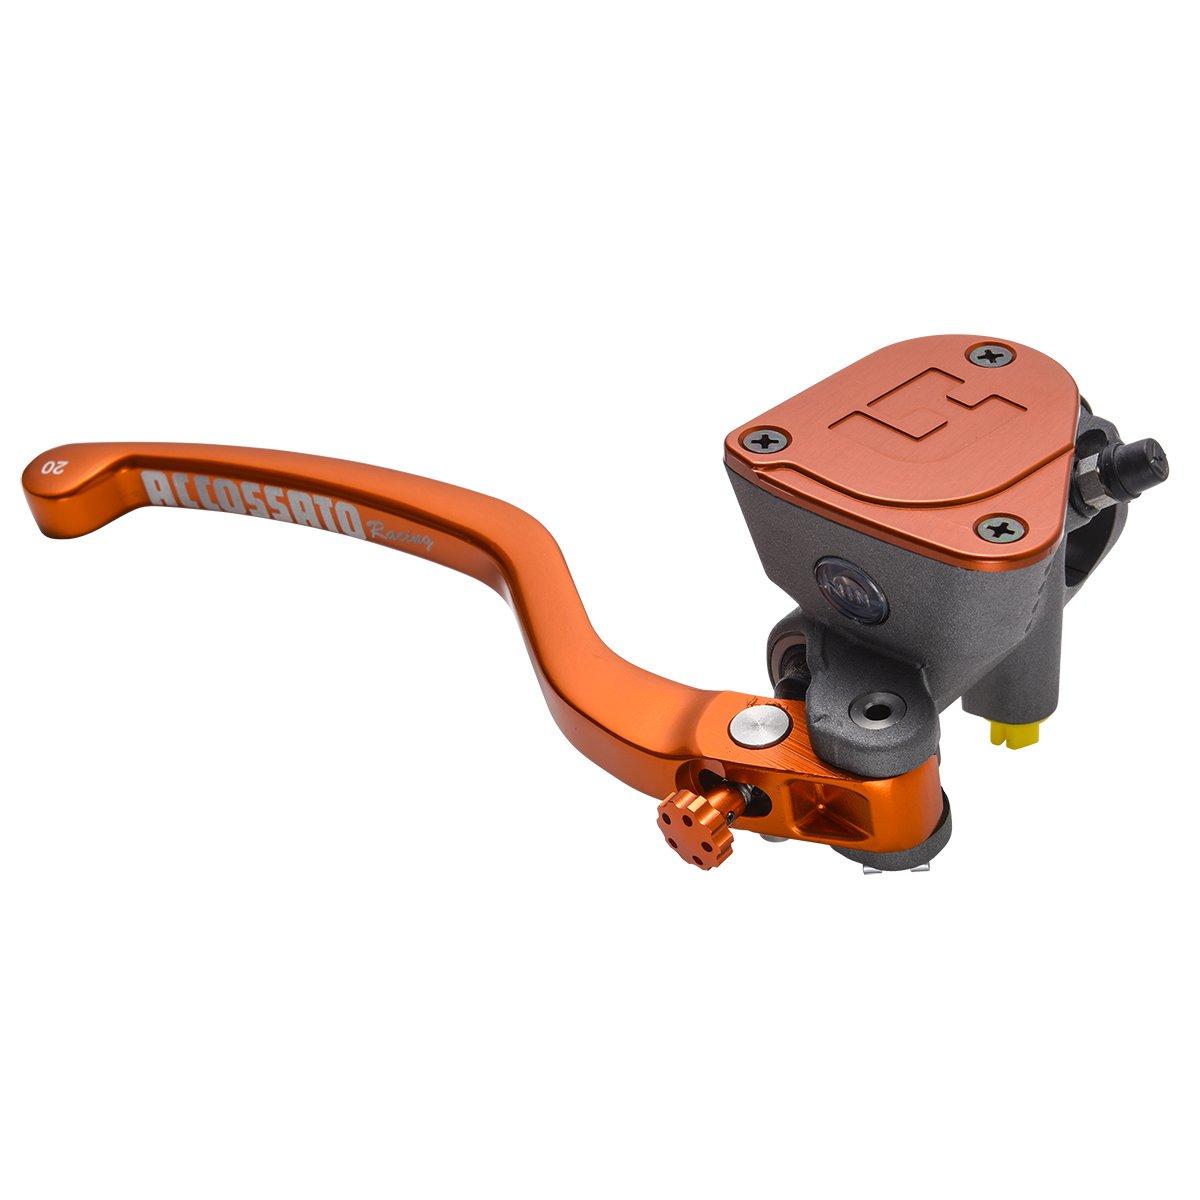 ACCOSSATO(アコサット) ラジアルブレーキマスターシリンダー PK(リザーバータンク一体)モデル φ19x20 鍛造レバー オレンジ   B00VTHXLRW